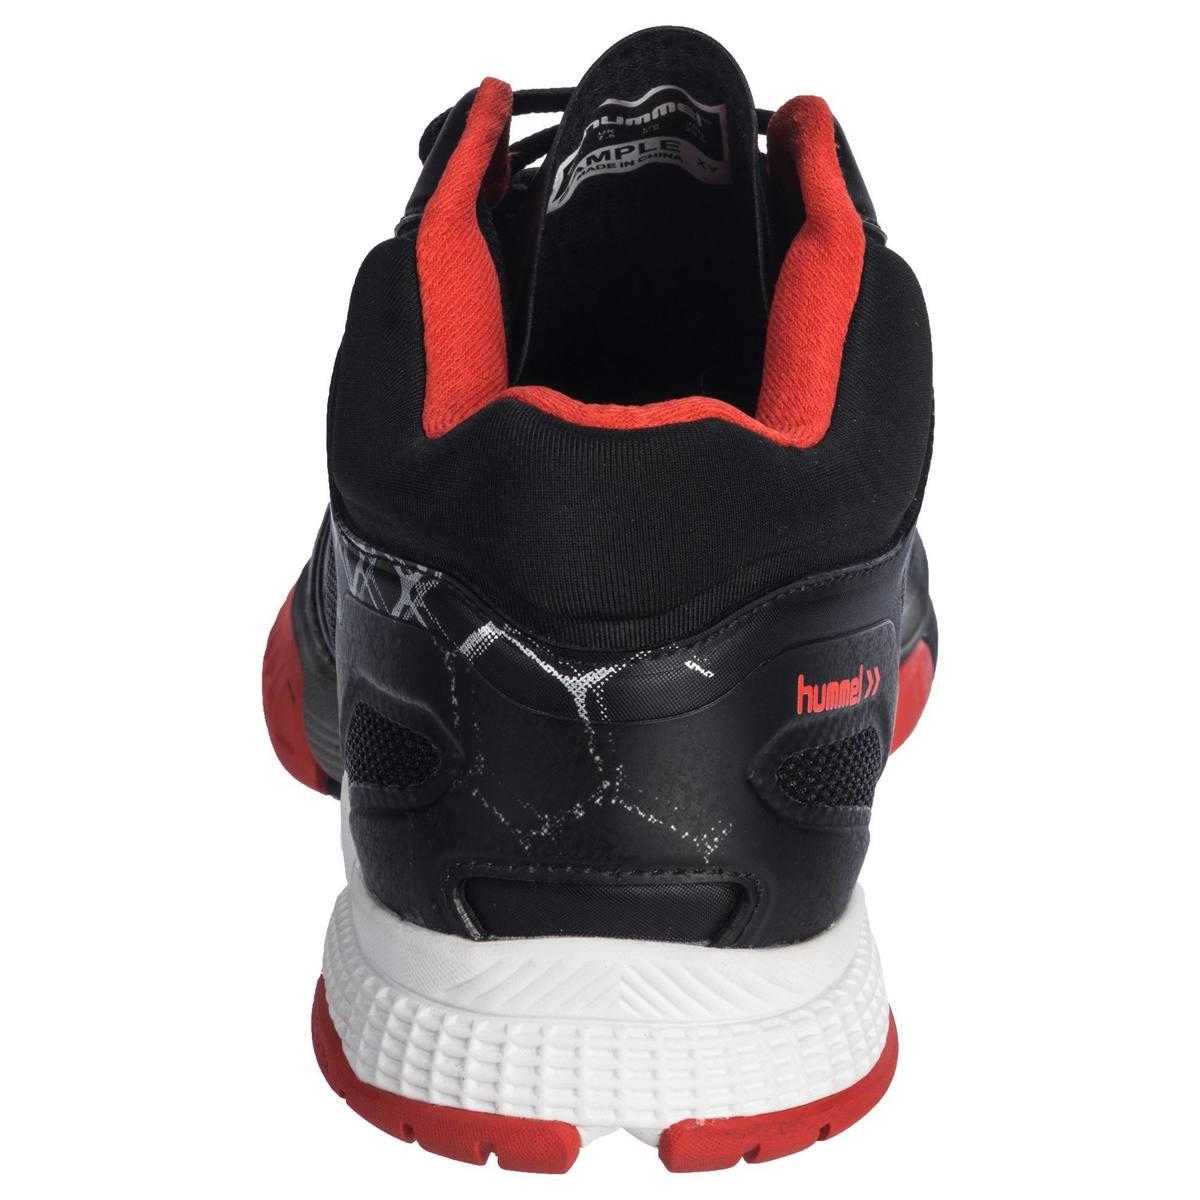 Bild 5 von Handballschuhe HB220 Aerocharge Erwachsene schwarz